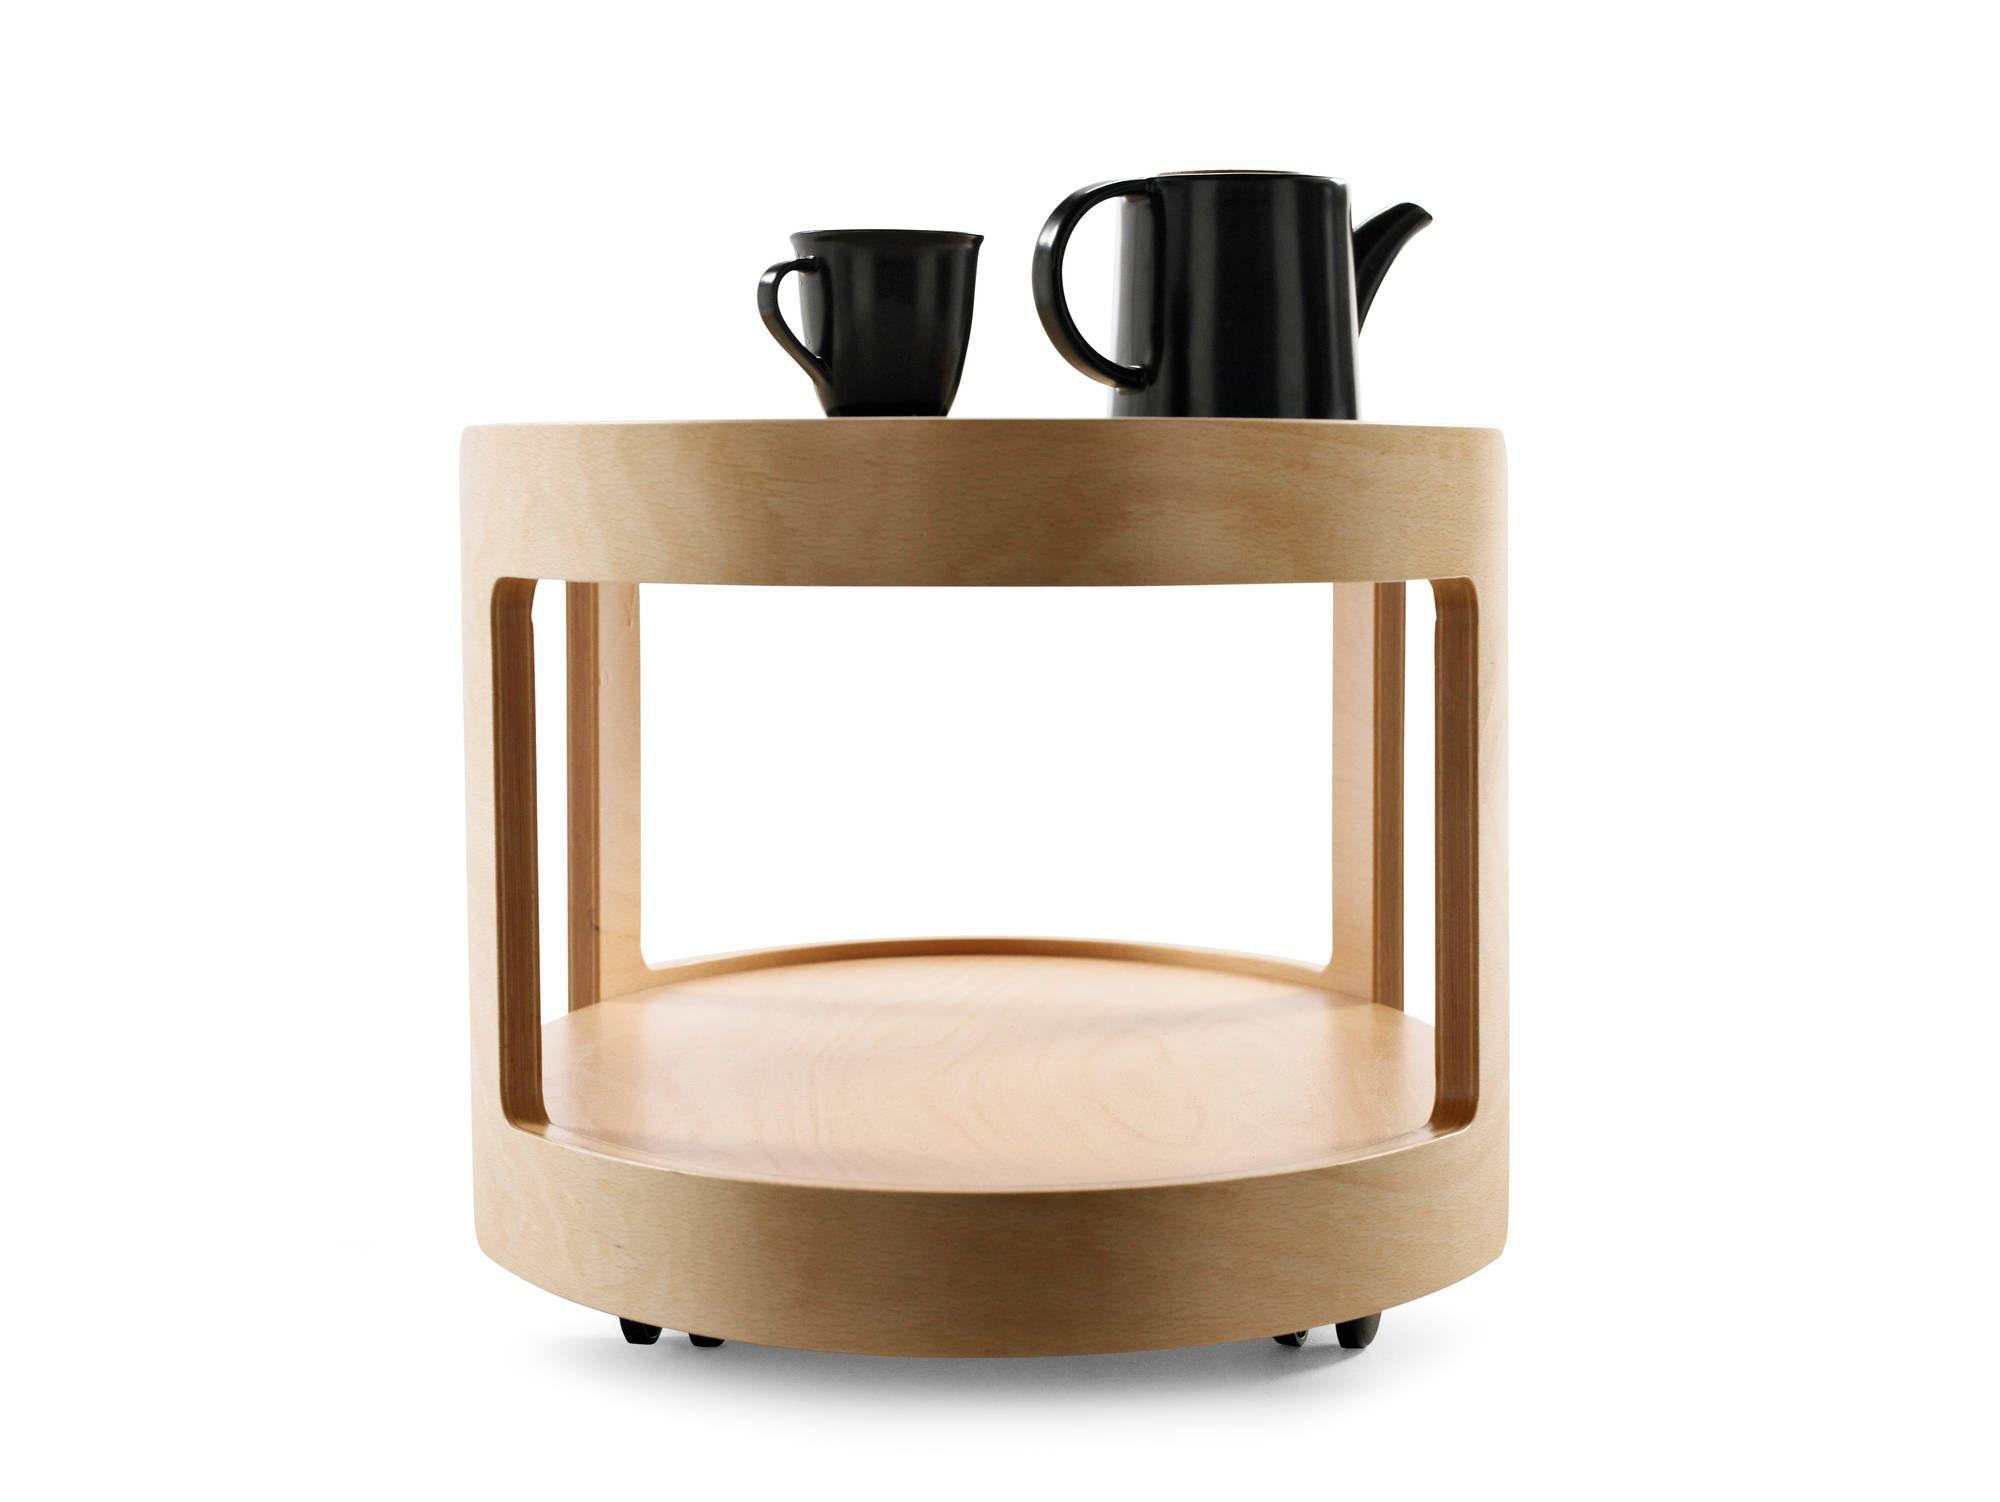 ovaler hocker beistelltisch auf rollen von stressless flexibel einsetztbar in 7 sch nen. Black Bedroom Furniture Sets. Home Design Ideas